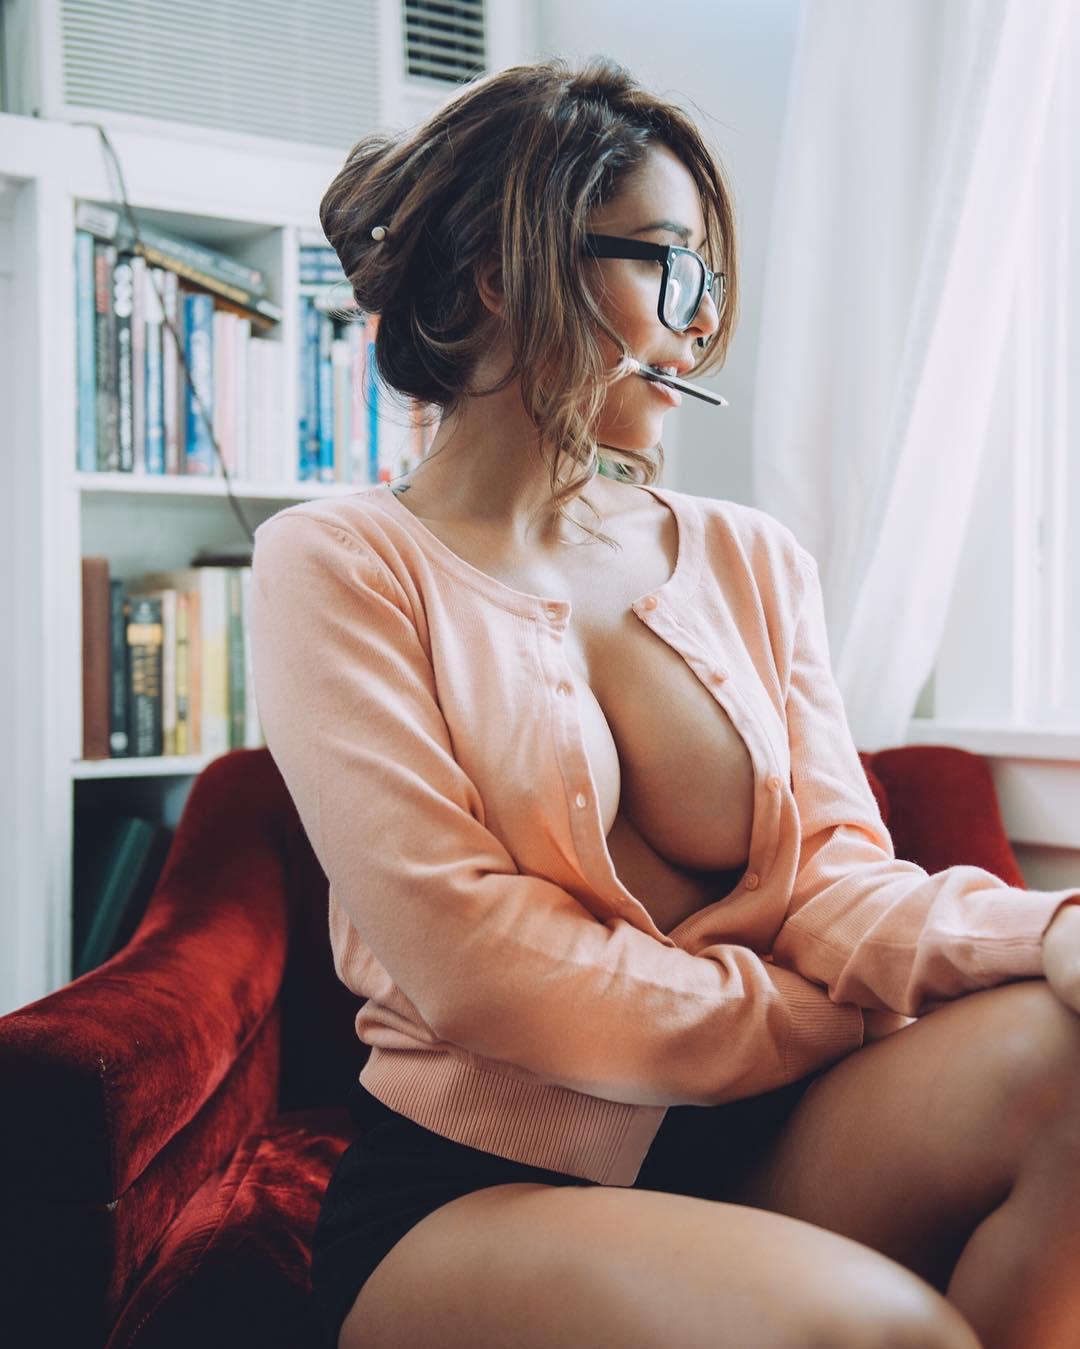 Сексуальность в эпоху Instagram - ПоЗиТиФфЧиК - сайт позитивного настроения!